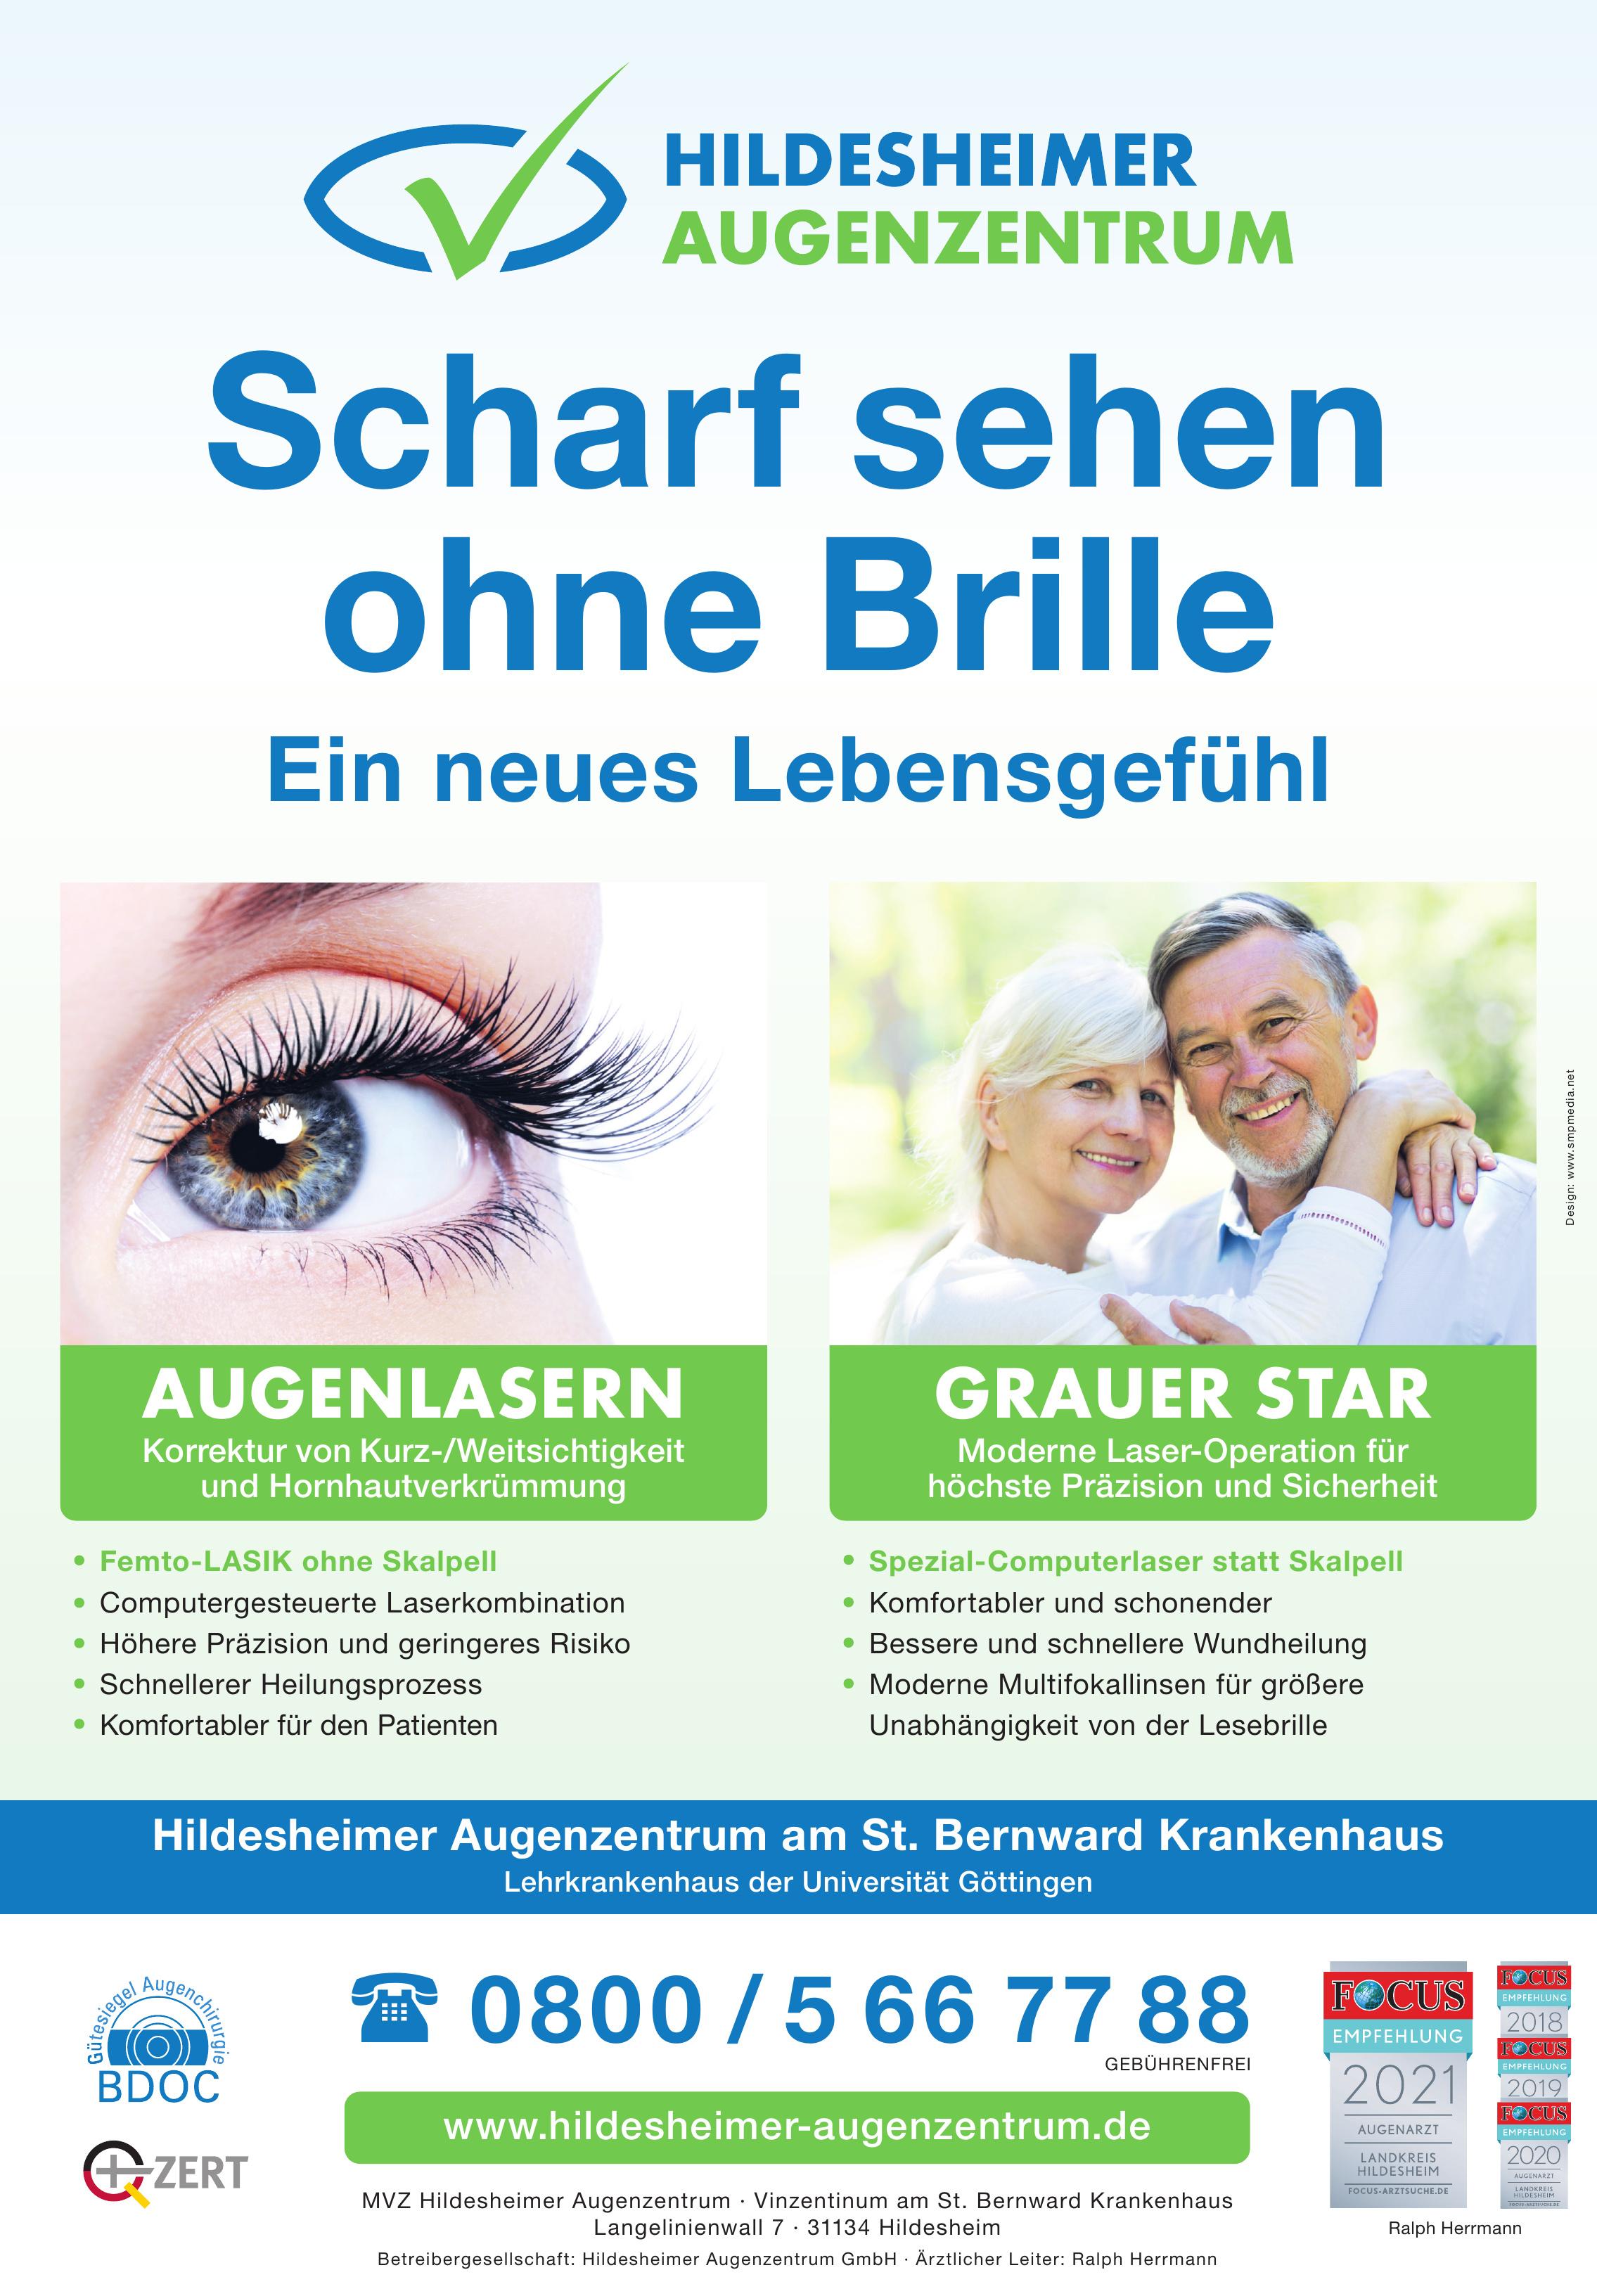 MVZ Hildesheimer Augenzentrum - Vinzentinum am St. Bernward Krankenhaus